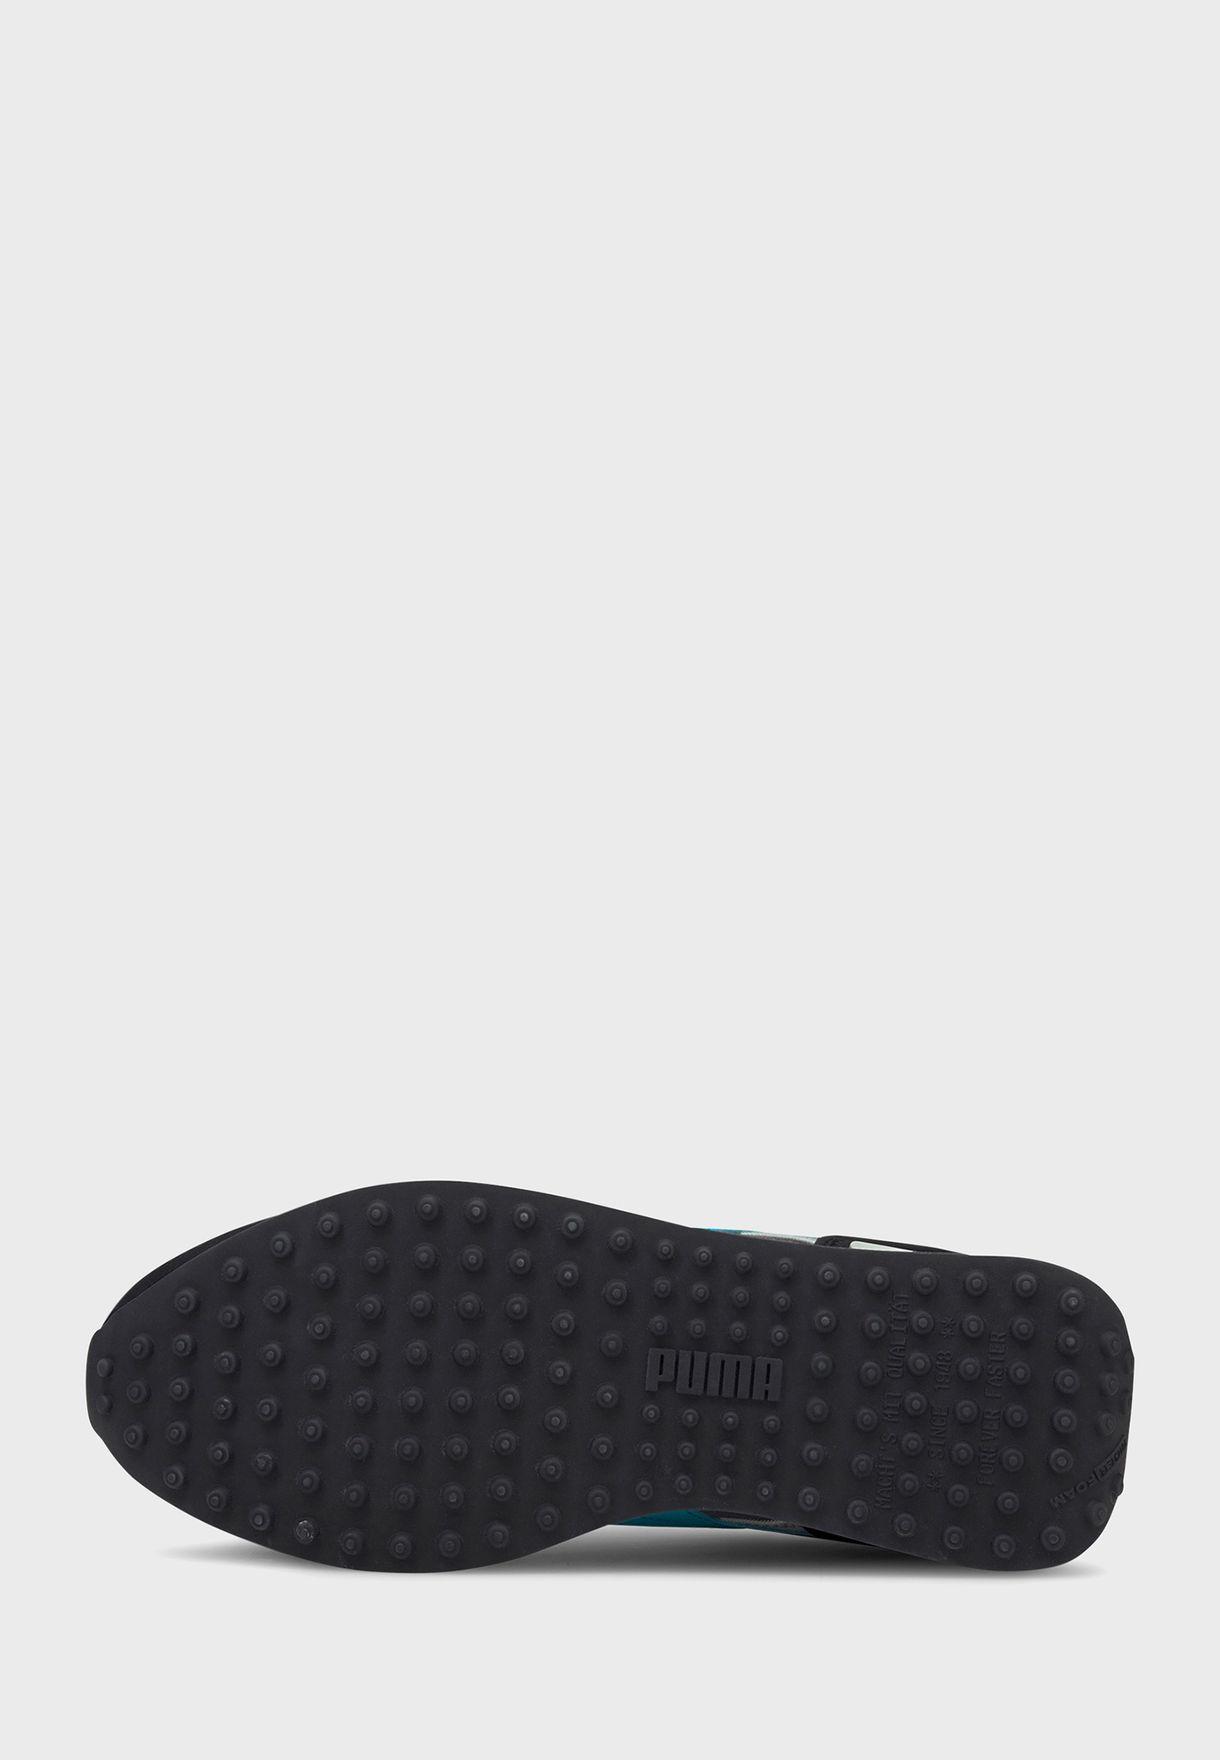 حذاء فيوتشر رايدر ايكونس